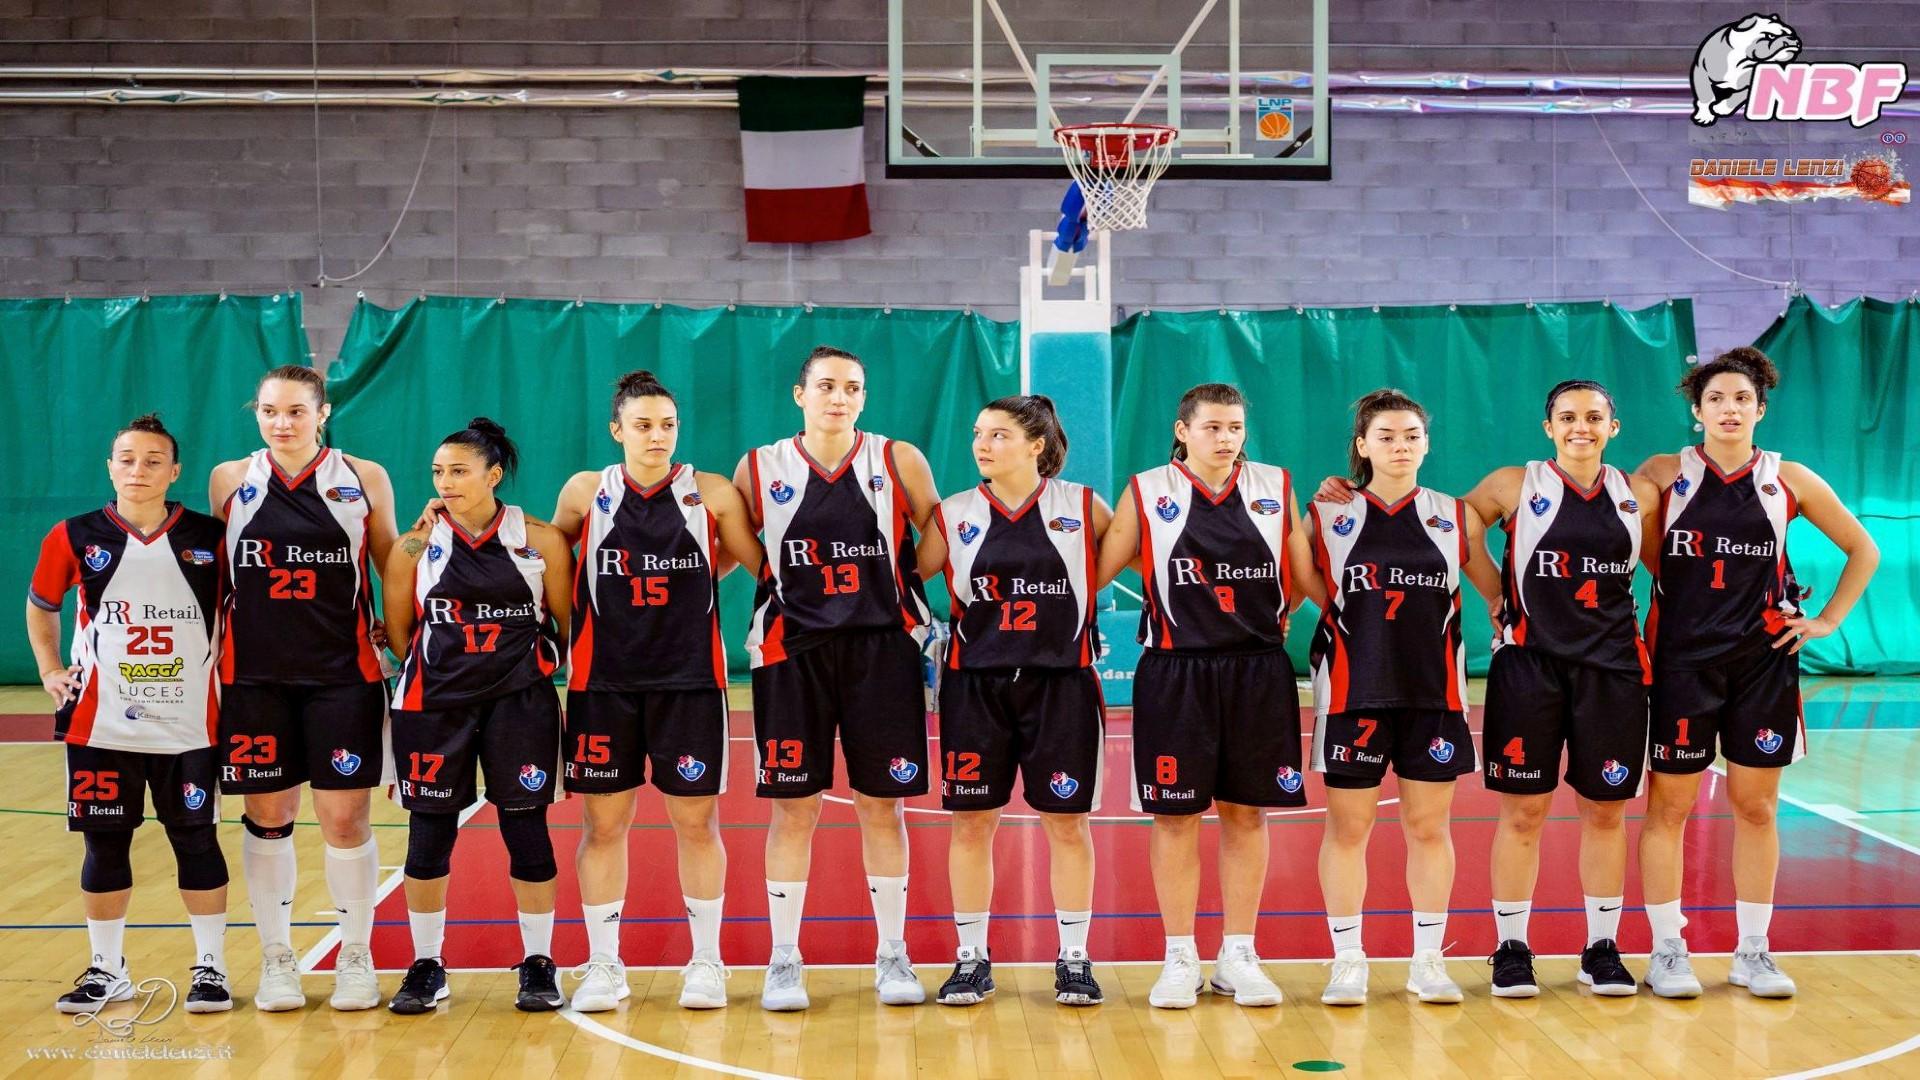 Nico Basket-RR Retail (foto del profito Facebook di Nico Basket)